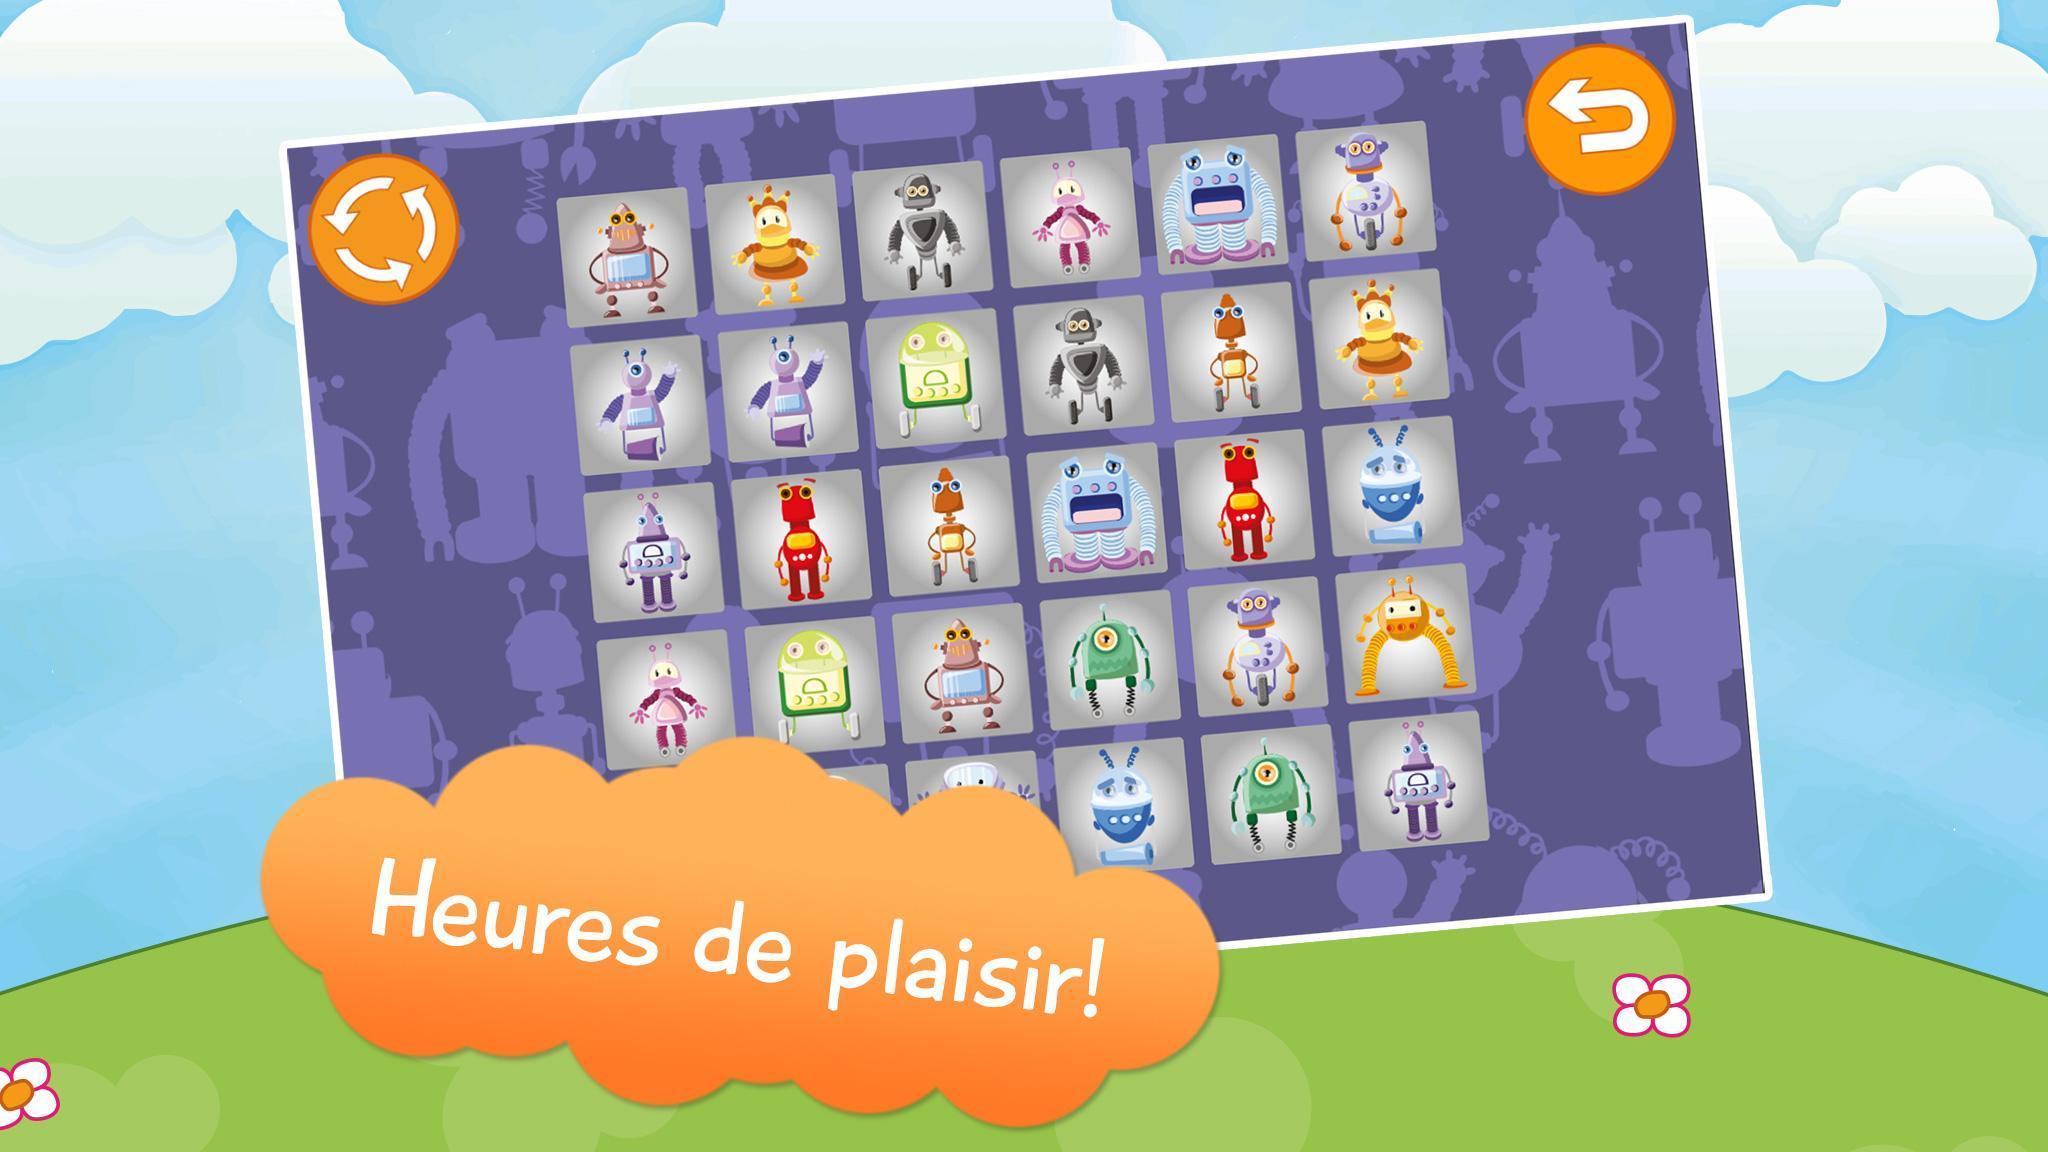 Jeux Mémoire Voitures Gratuit Pour Android - Téléchargez L'apk avec Jeux Gratuit De Memoire